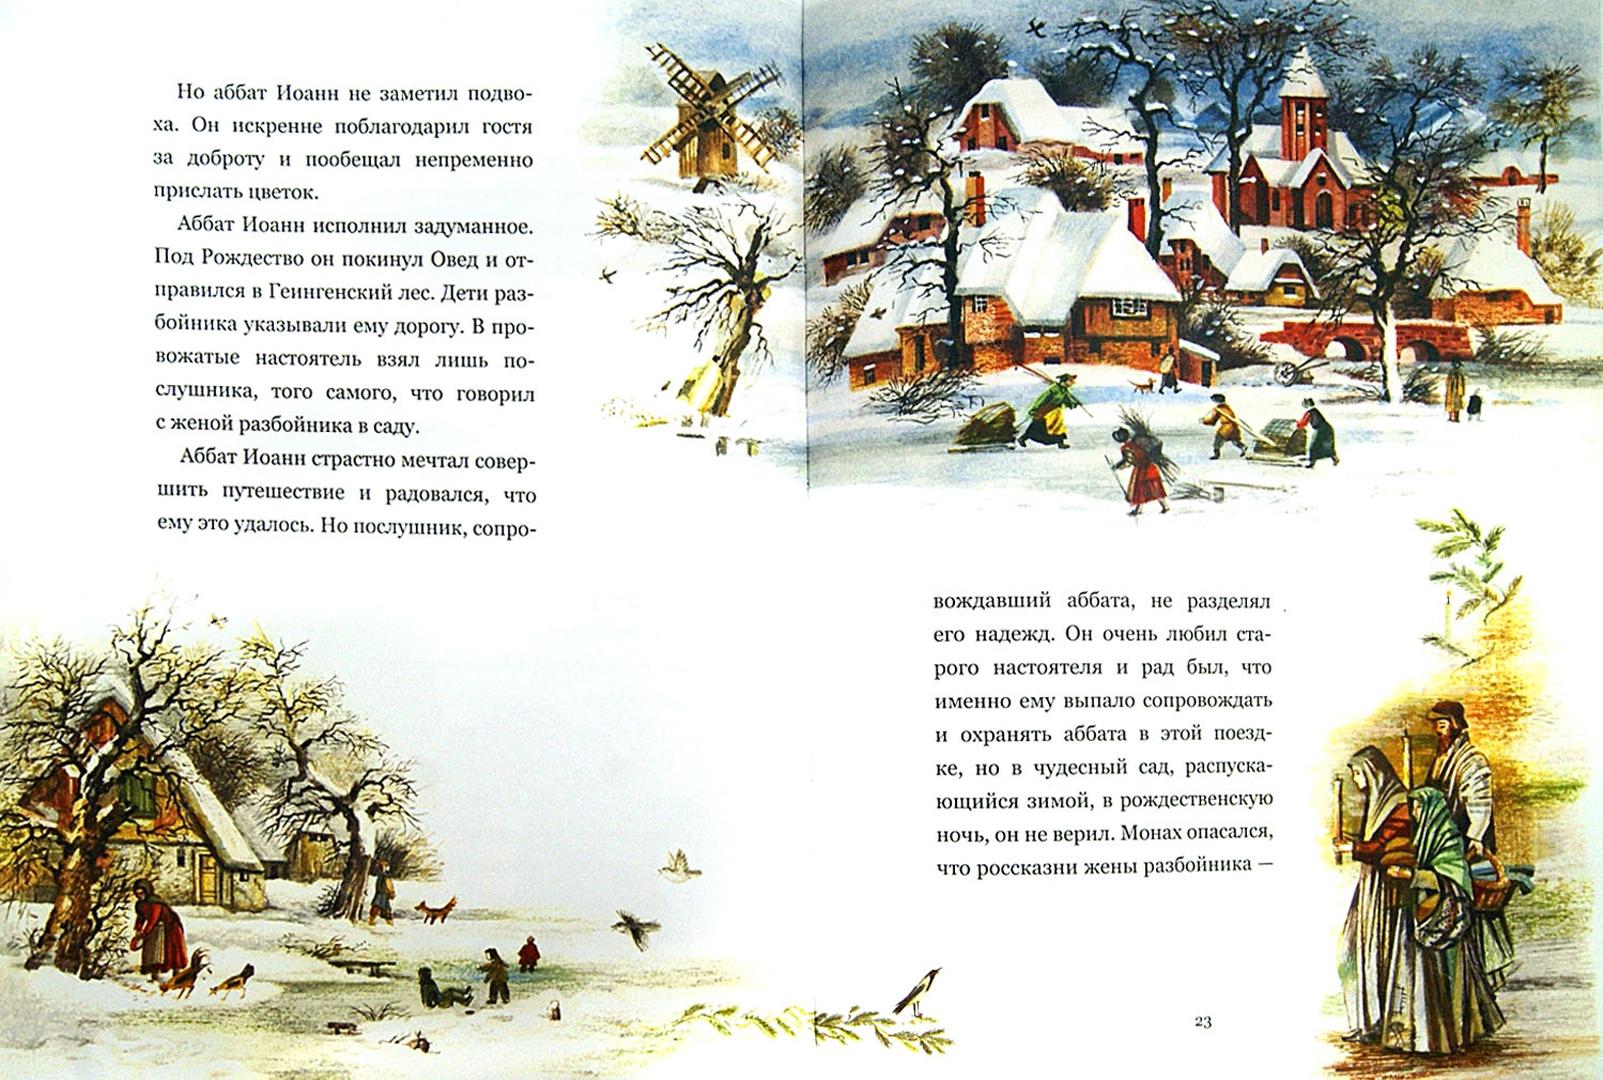 Иллюстрация 1 из 61 для Легенда о Рождественской розе - Сельма Лагерлеф | Лабиринт - книги. Источник: Лабиринт